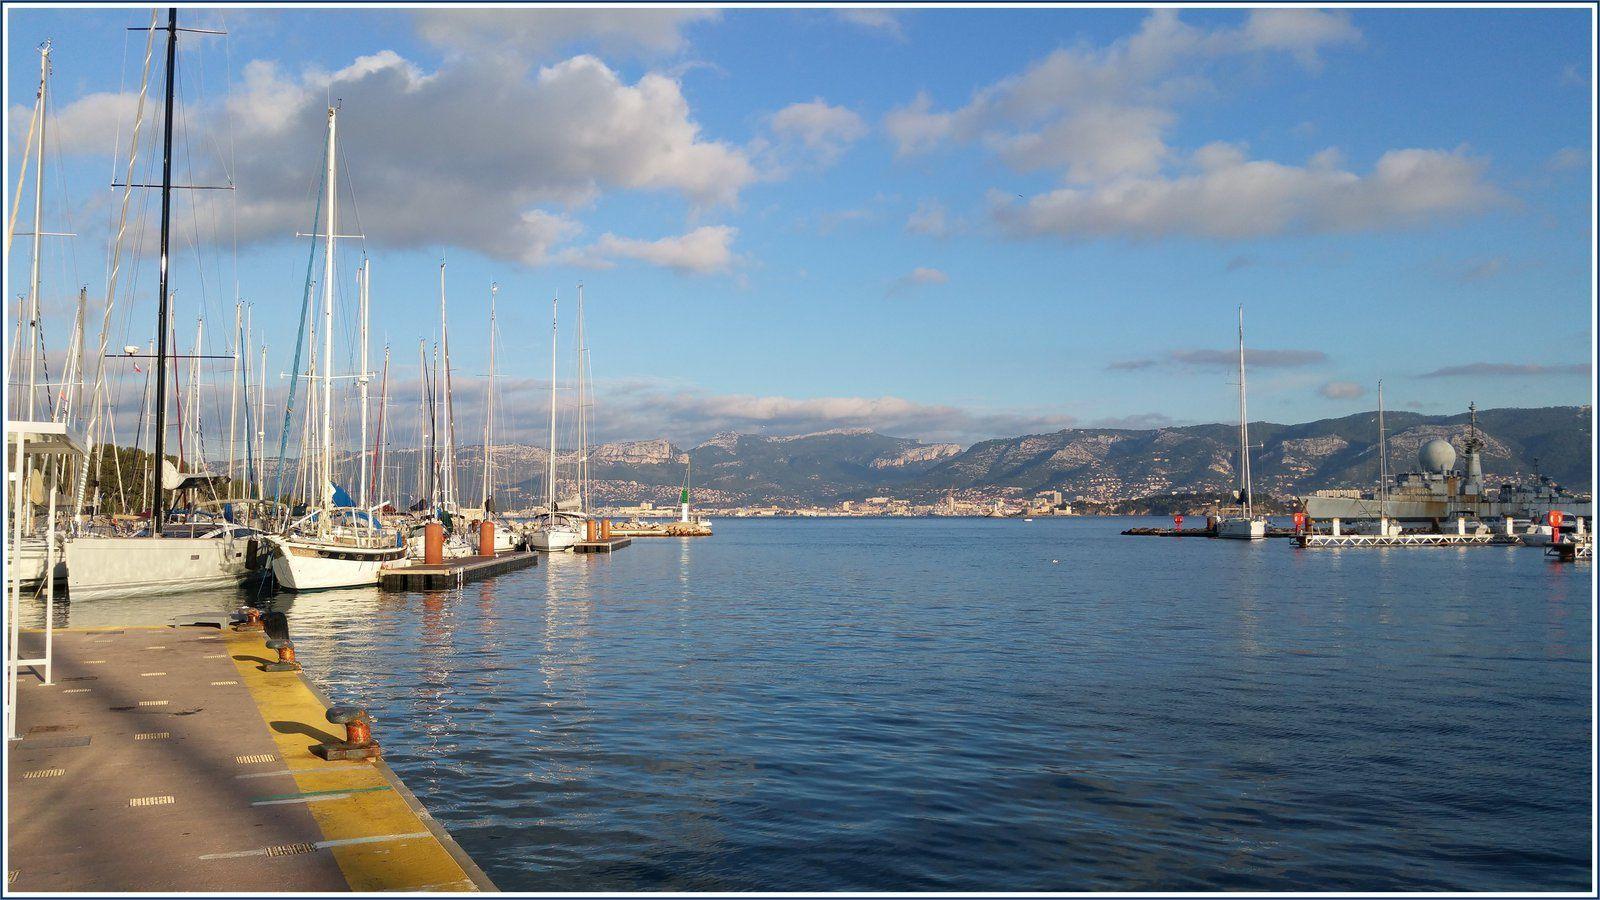 Port de plaisance de Saint-Mandrier-sur-Mer.